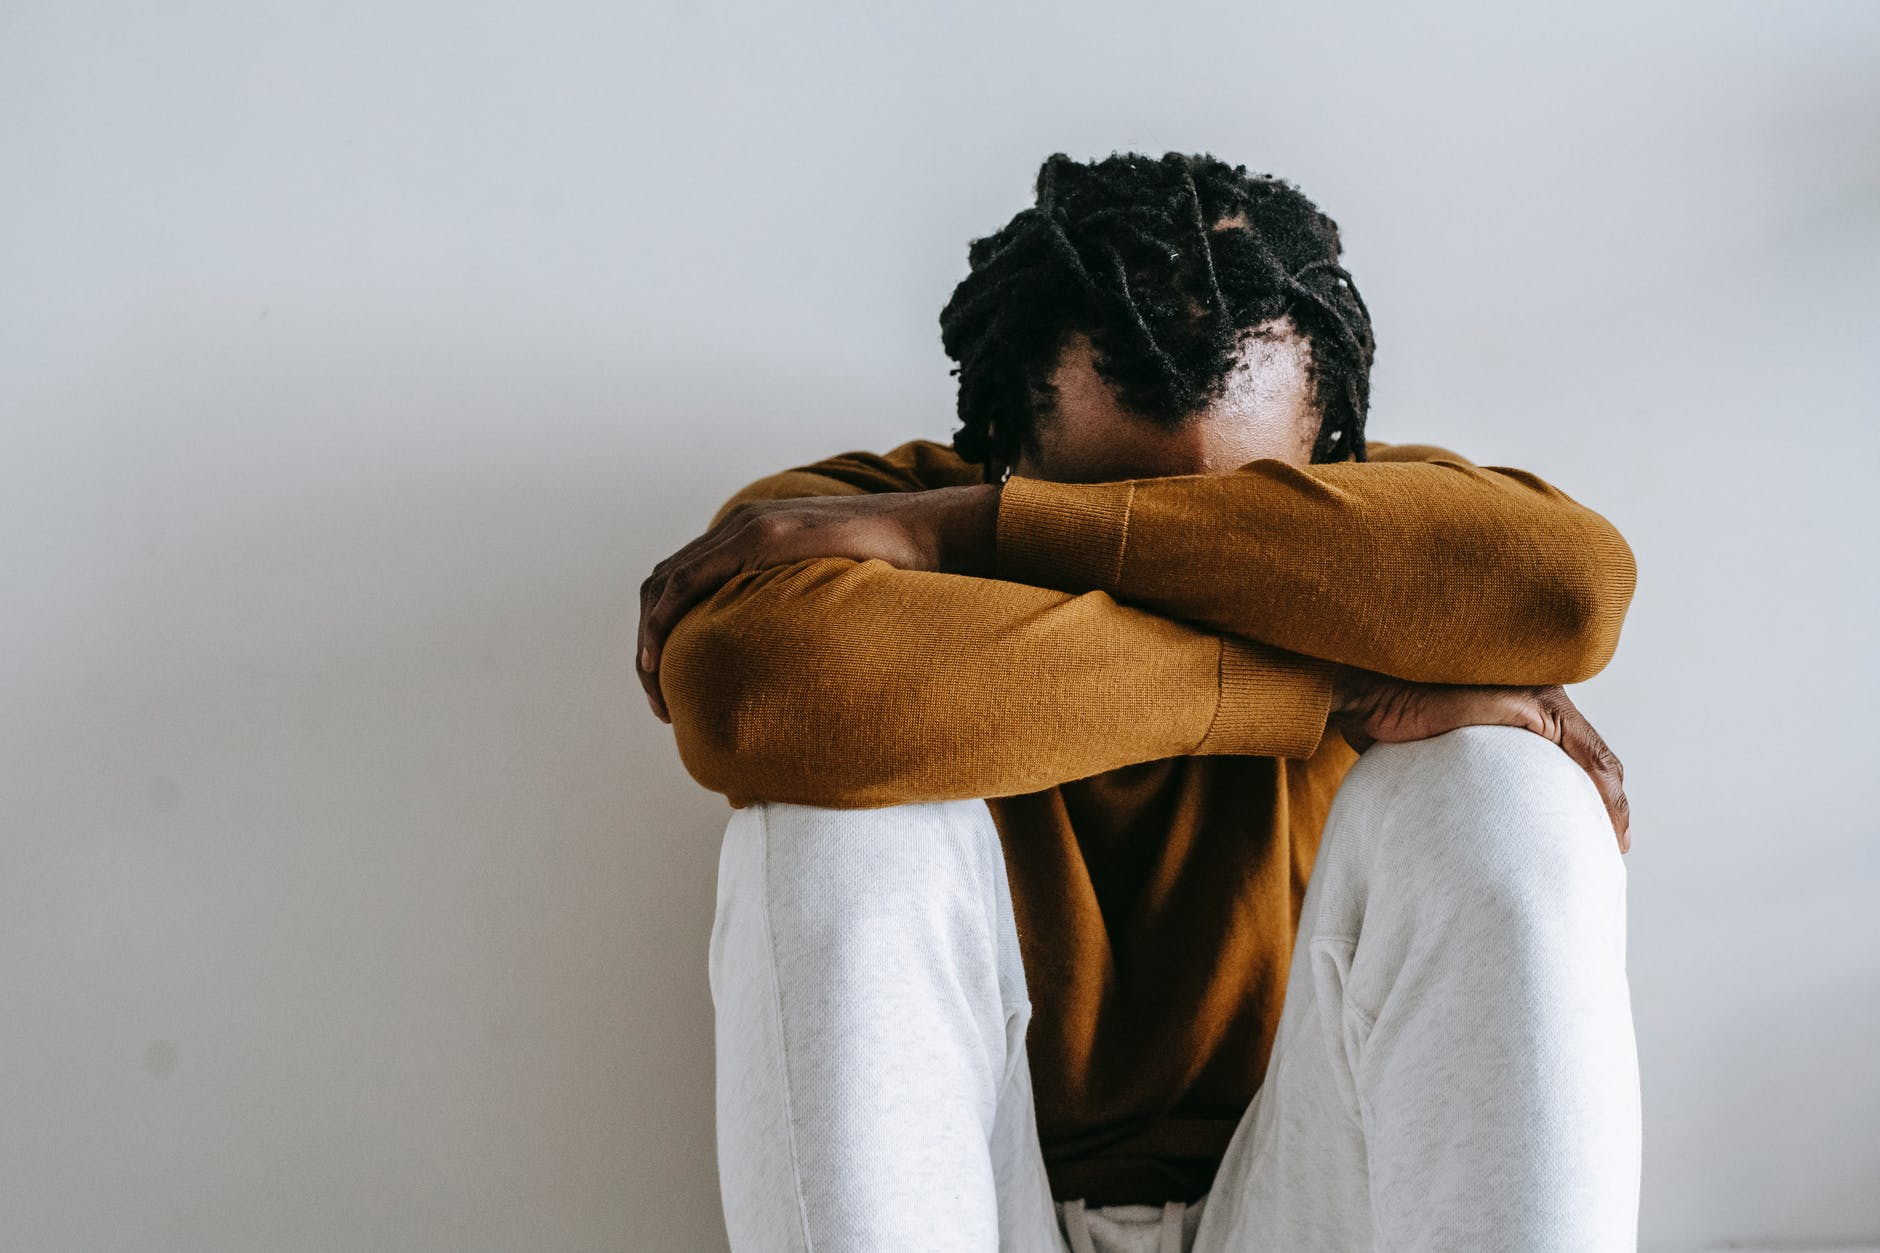 A los hombres la depresión se manifiesta con un sentimiento de resguardo.